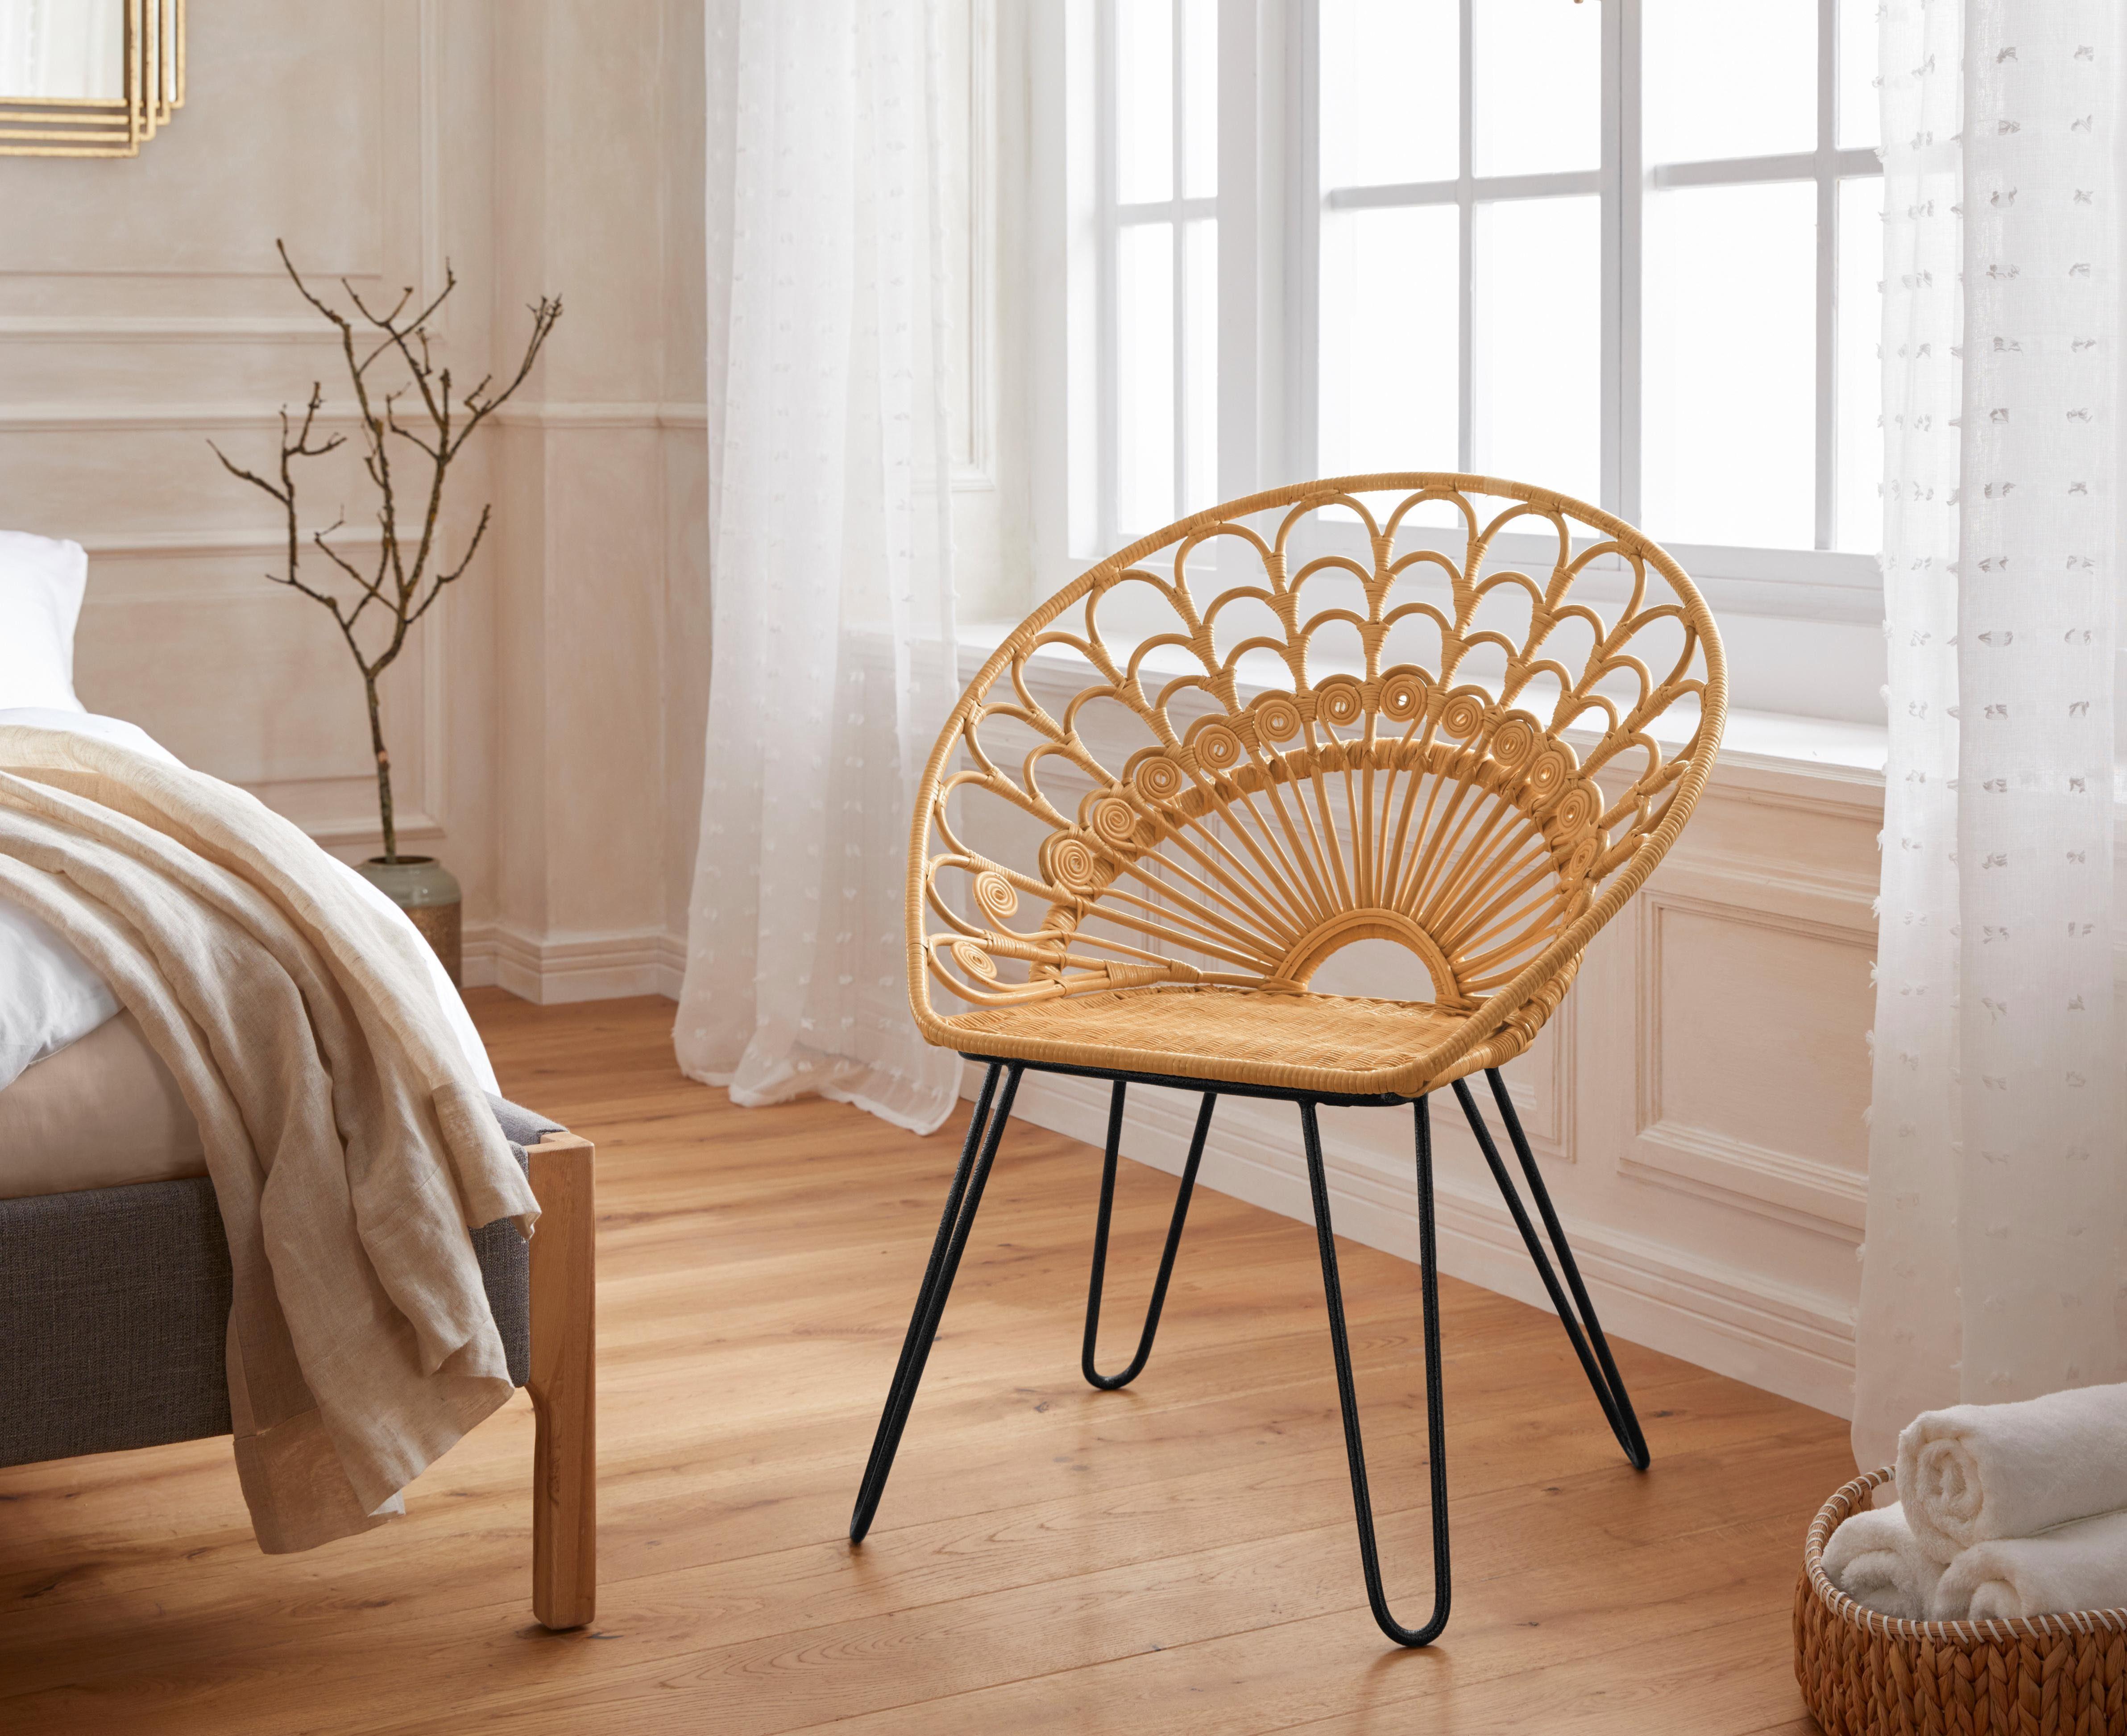 GMK Home & Living Rattanstuhl »Bondy« mit aufwendigem Vintage Peacock Design und Metallbeinen